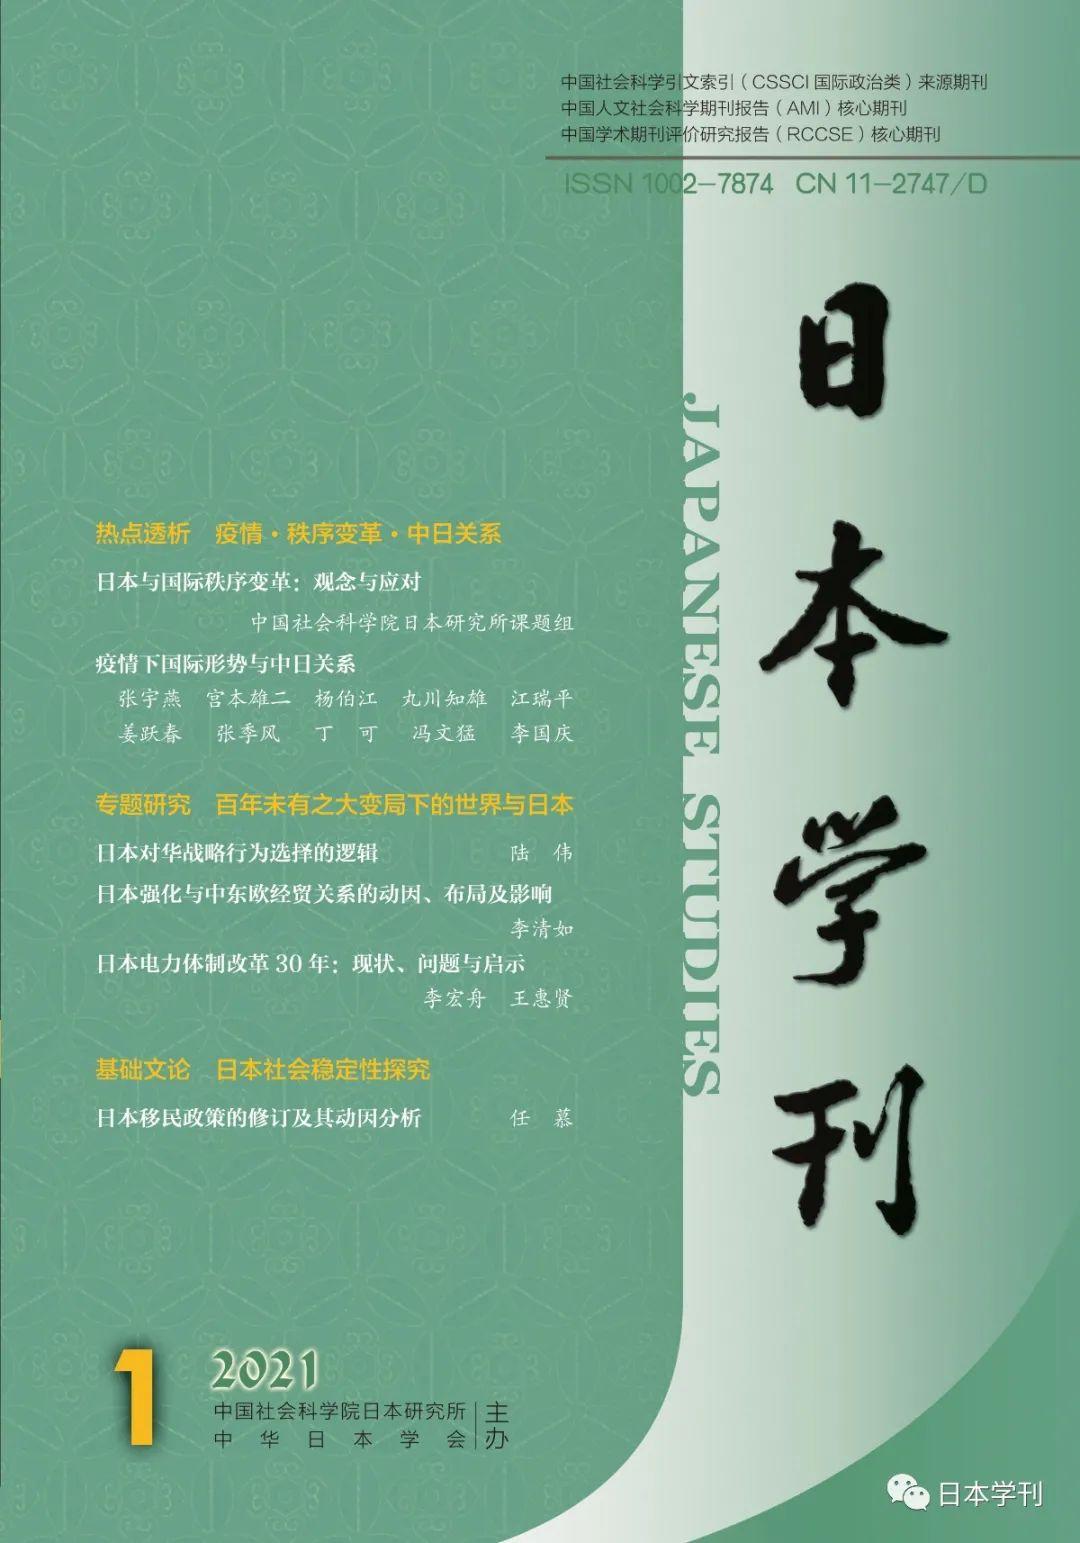 江悦春:疫情对世界经济和产业链的影响